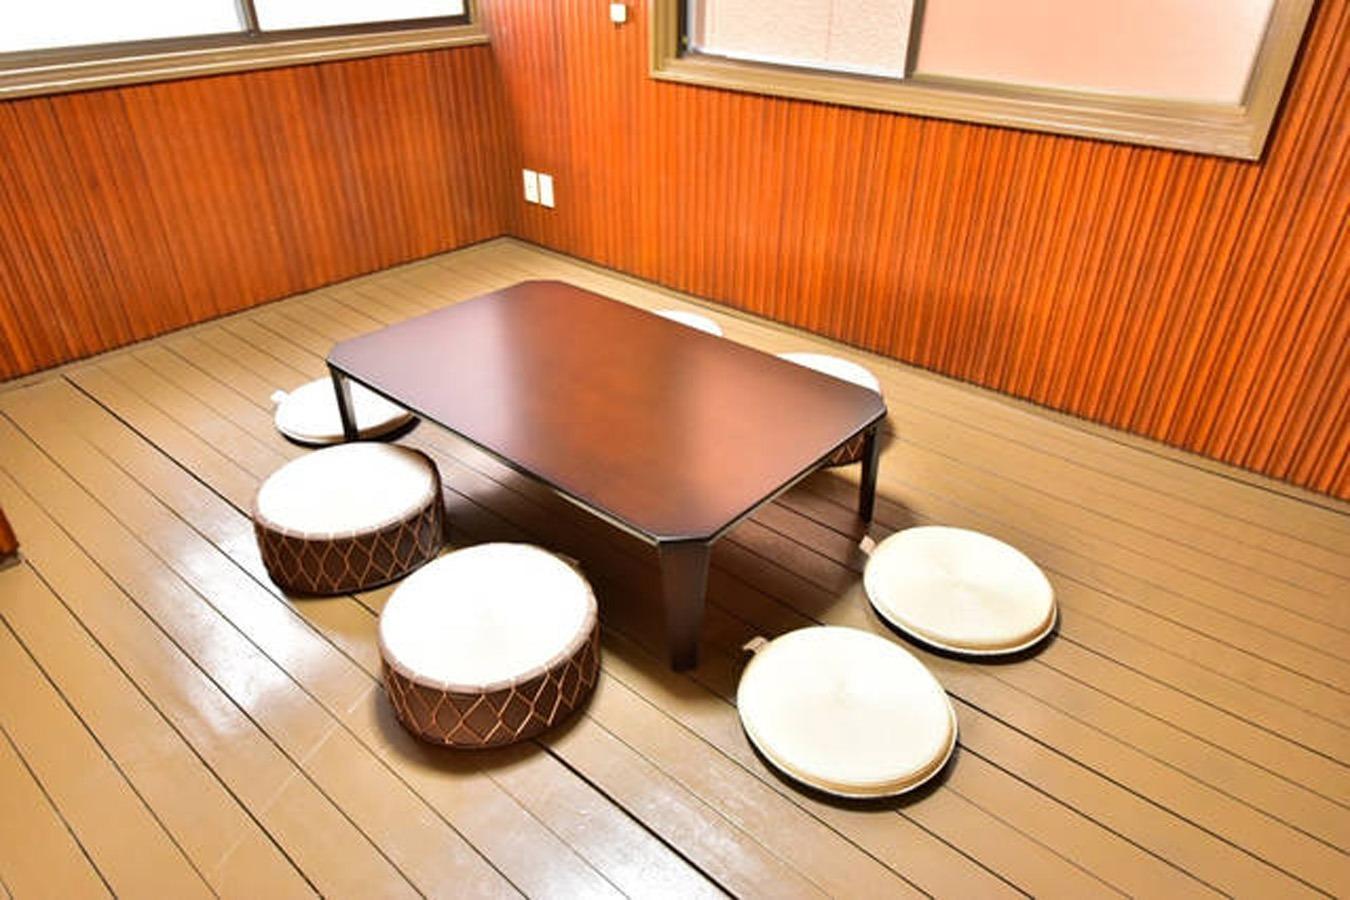 【北新宿】一軒家駐車場付き・最大7名様滞在可能